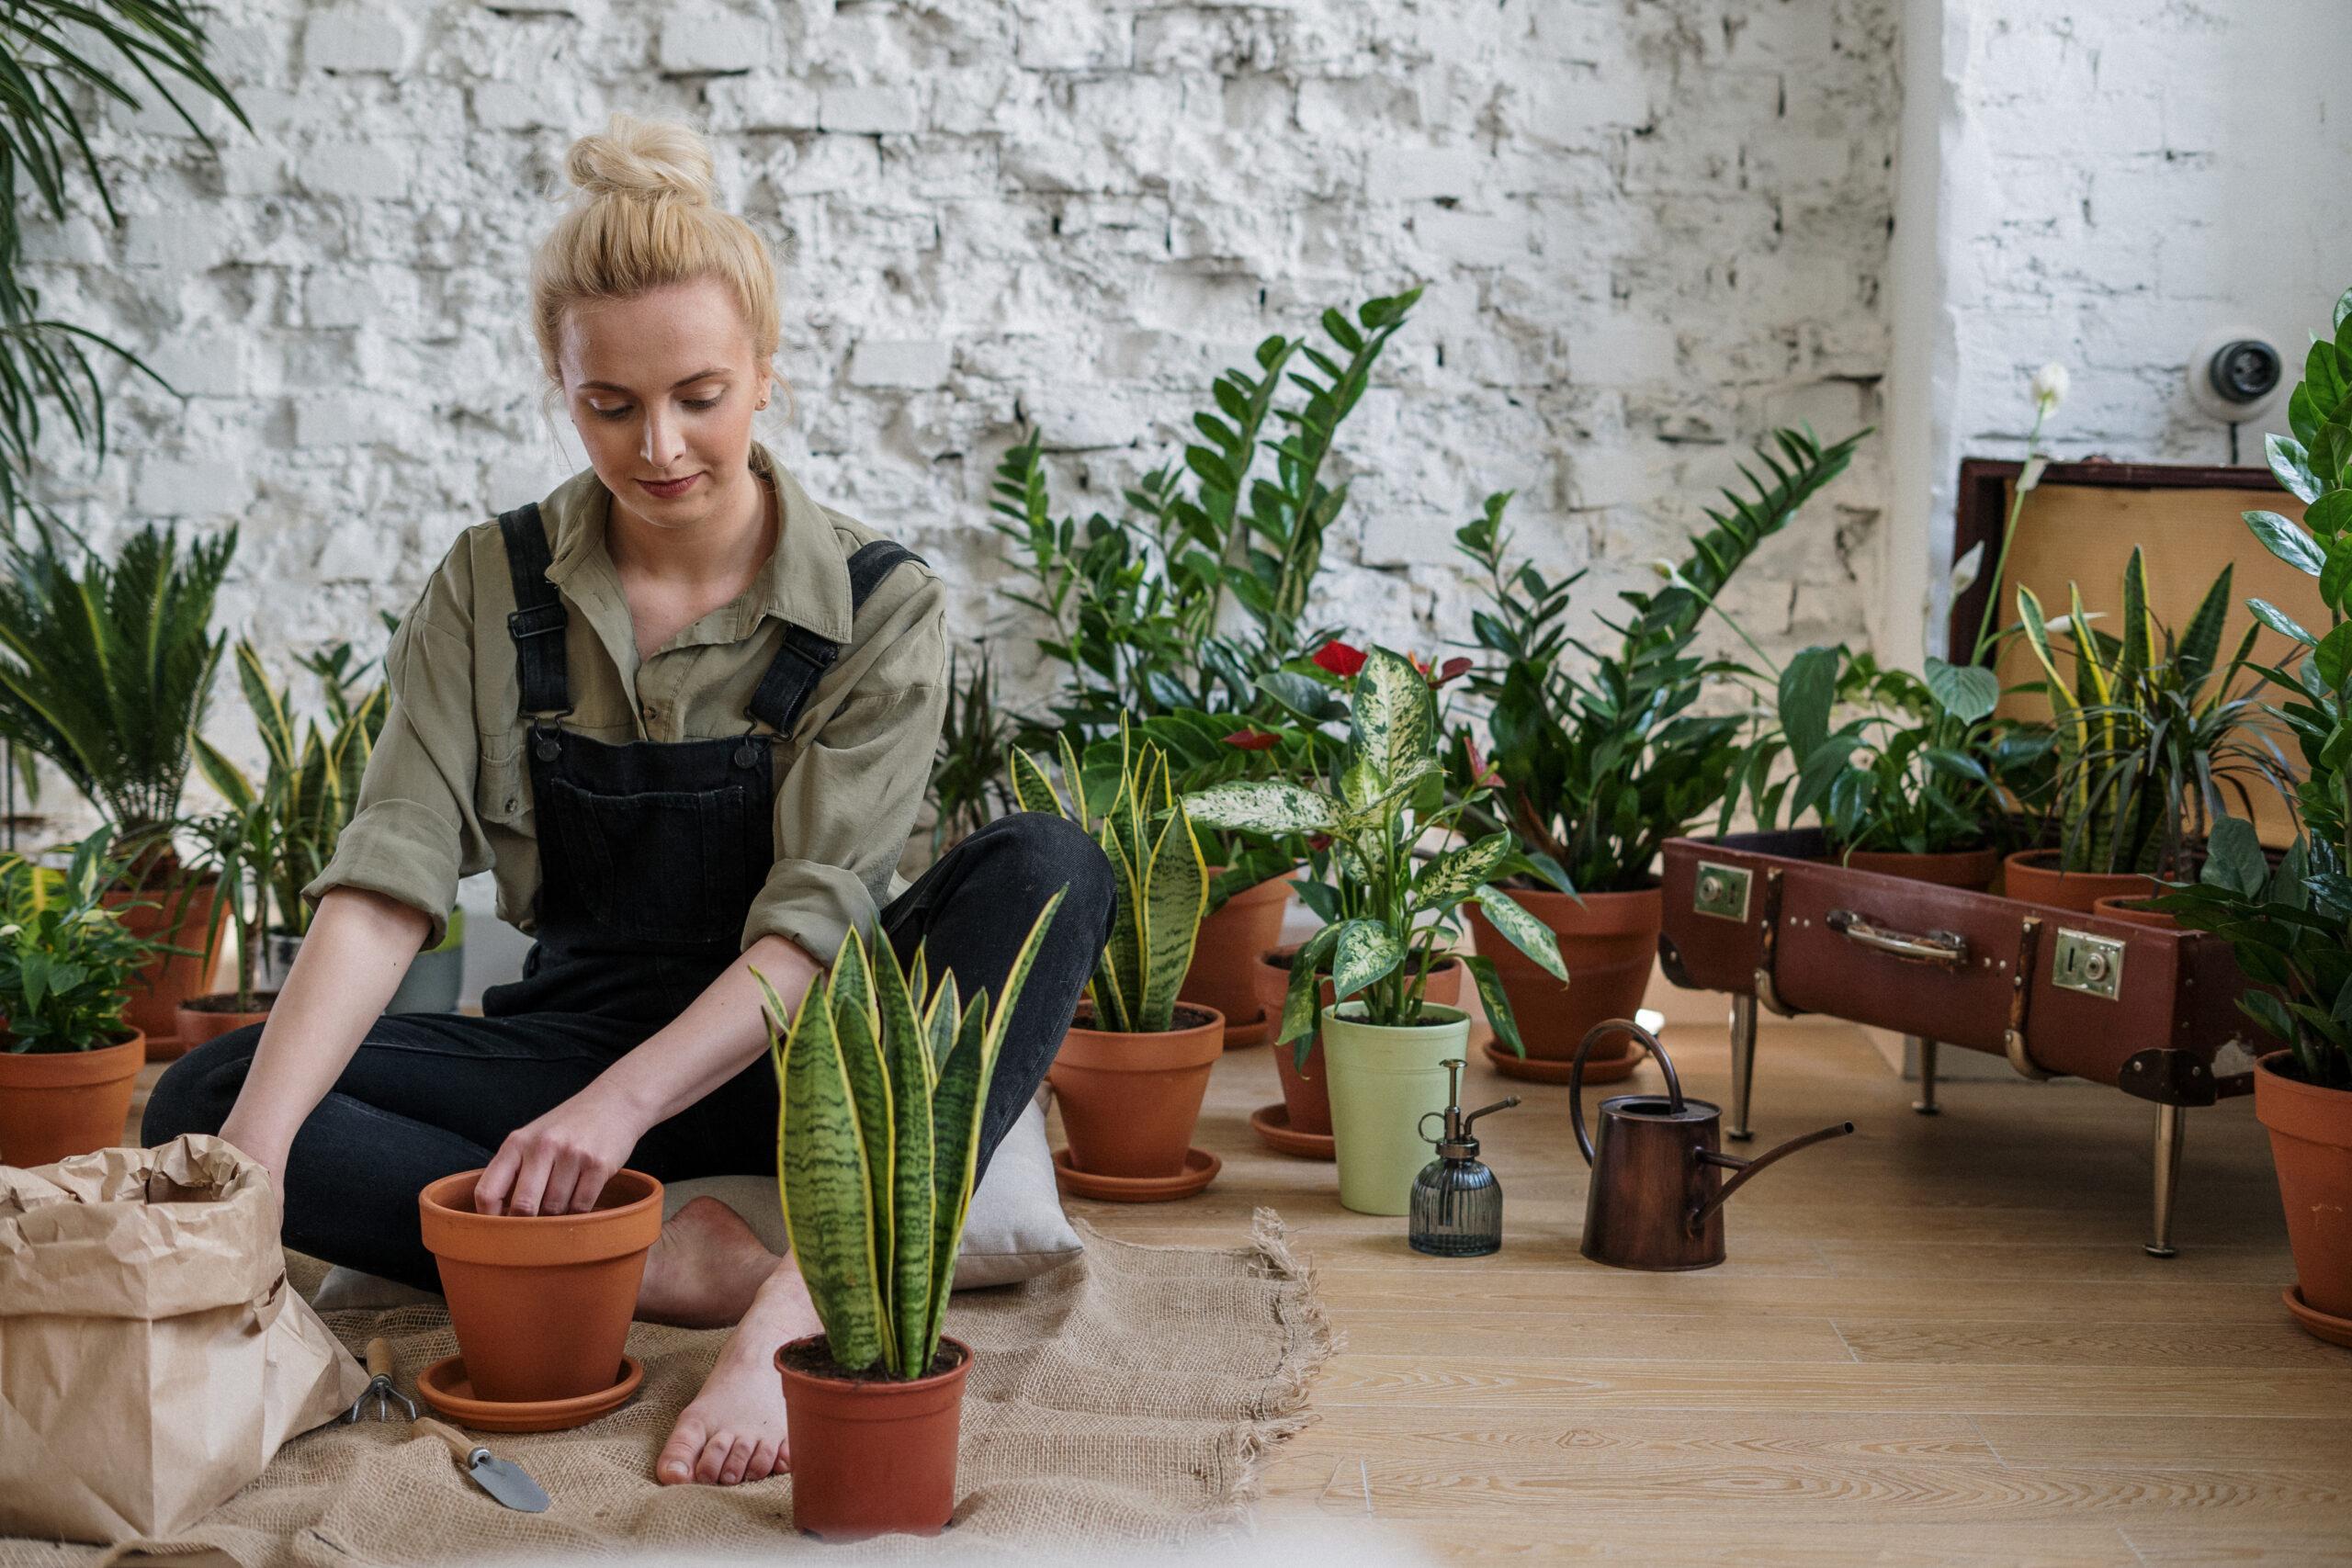 Pflege von Pflanzen